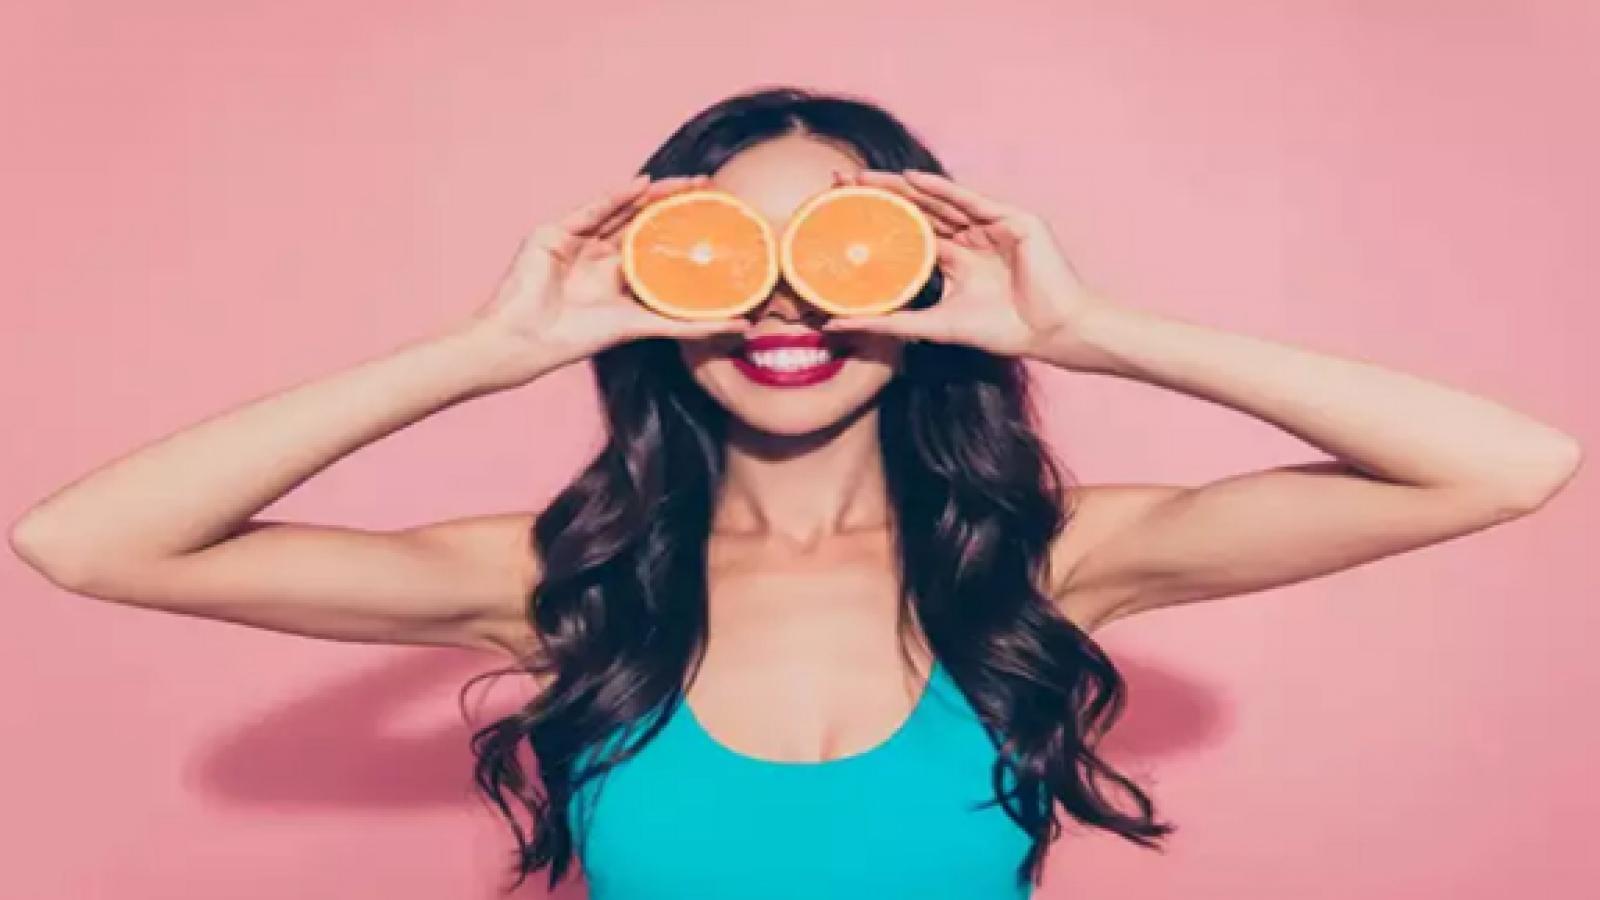 Tiêu thụ quá nhiều vitamin C có gây ảnh hưởng đến chu kỳ kinh nguyệt của phụ nữ?